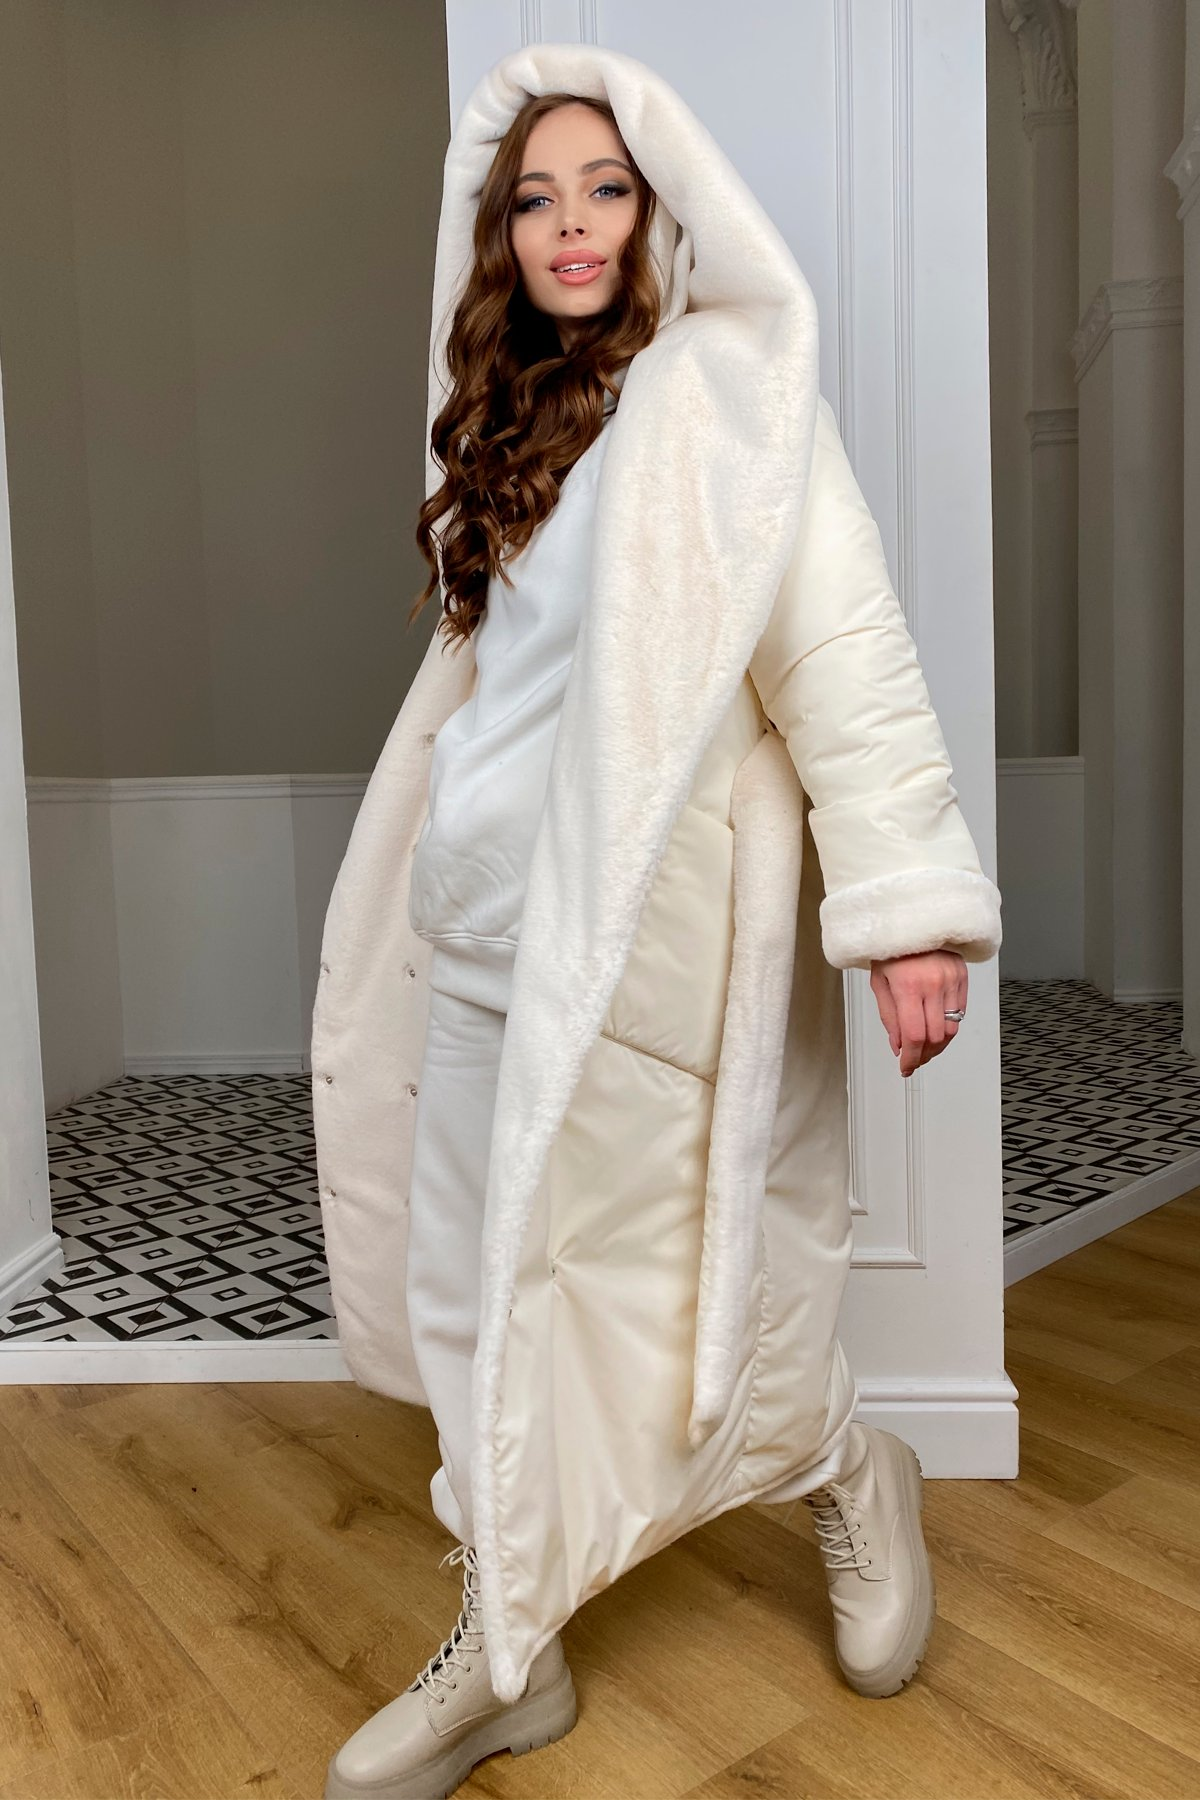 Сноу  теплое двухстороннее пальто из  еко меха и плотной  плащевки 9956 АРТ. 46669 Цвет: Молоко/Молоко 6 - фото 3, интернет магазин tm-modus.ru